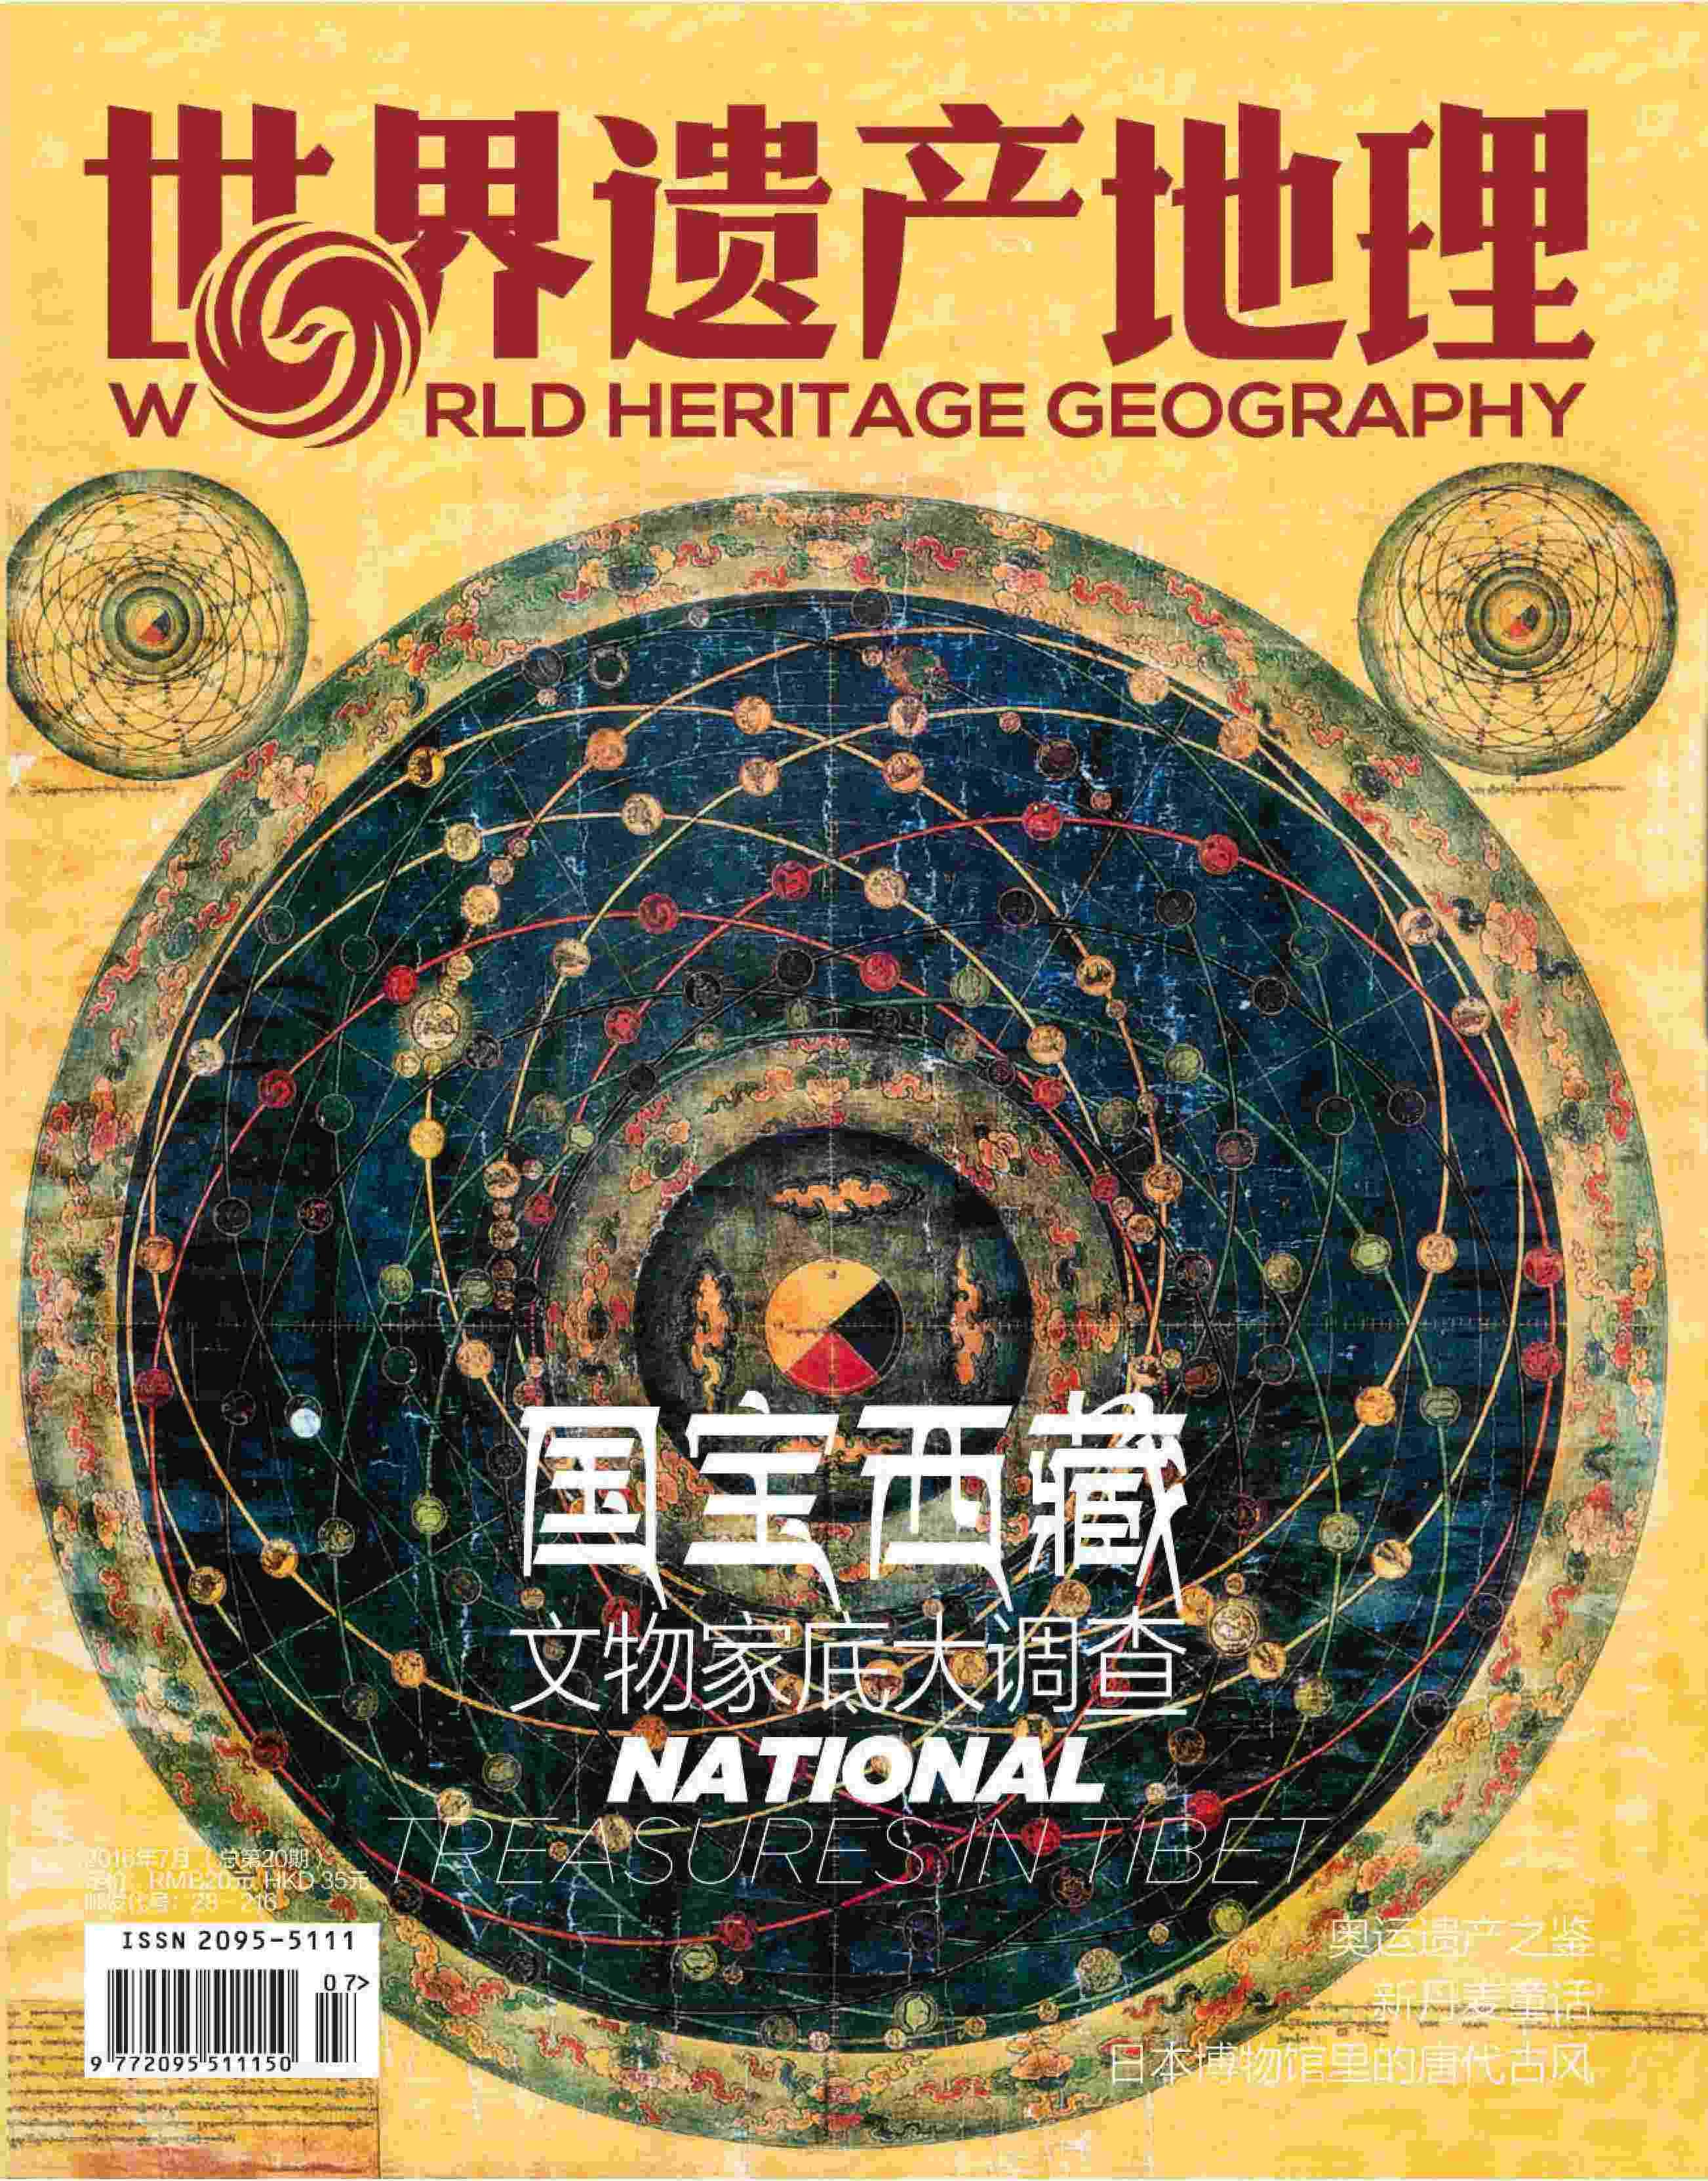 世界遗产地理·国宝西藏——文物家底大调查(总第20期)